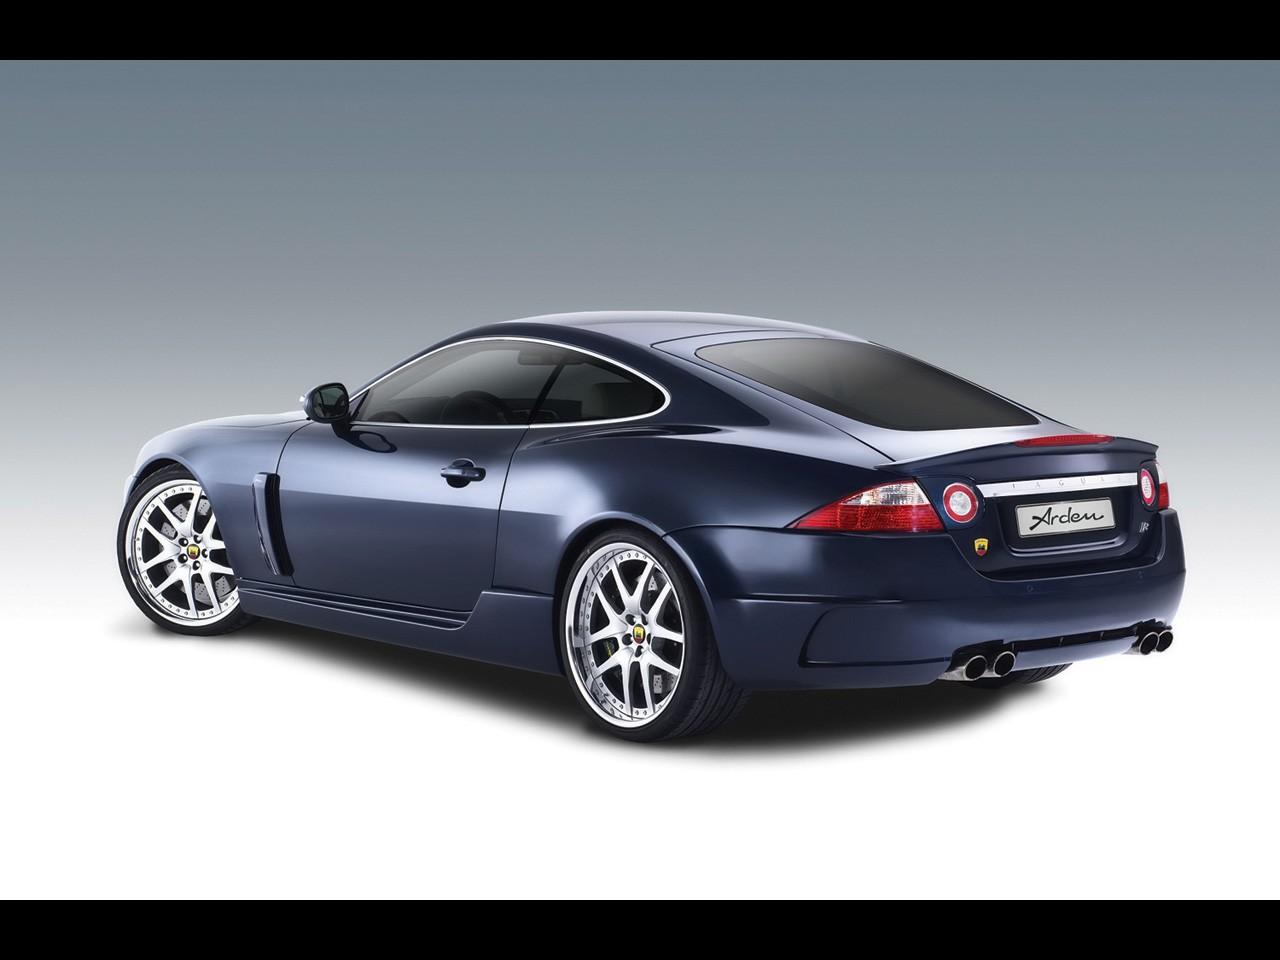 2008 Arden Jaguar XKR AJ20 Coupe